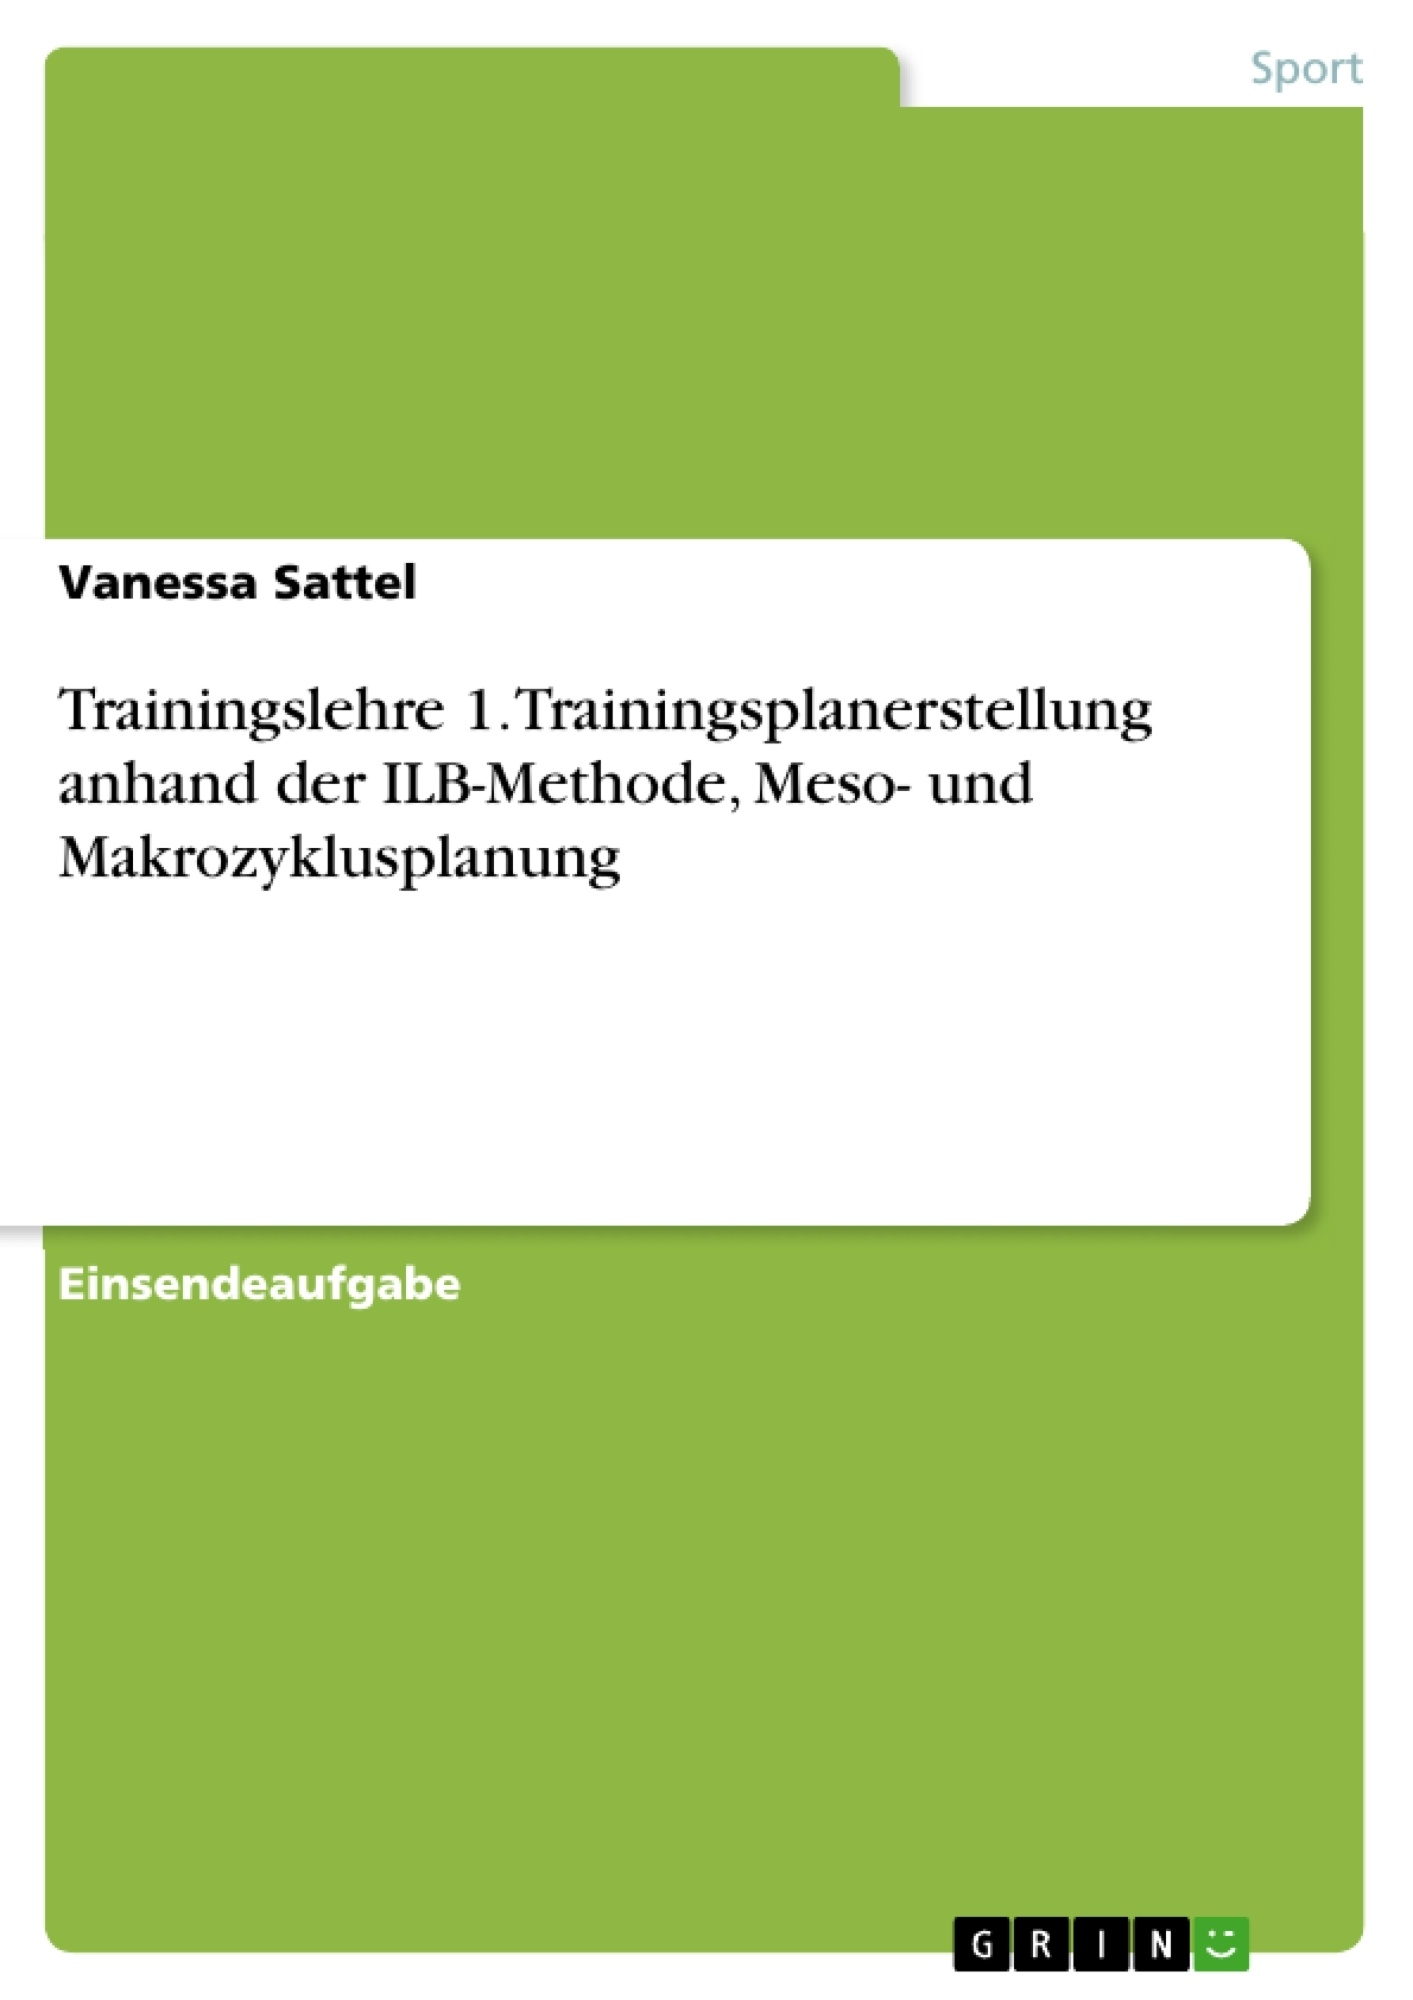 Titel: Trainingslehre 1. Trainingsplanerstellung anhand der ILB-Methode, Meso- und Makrozyklusplanung